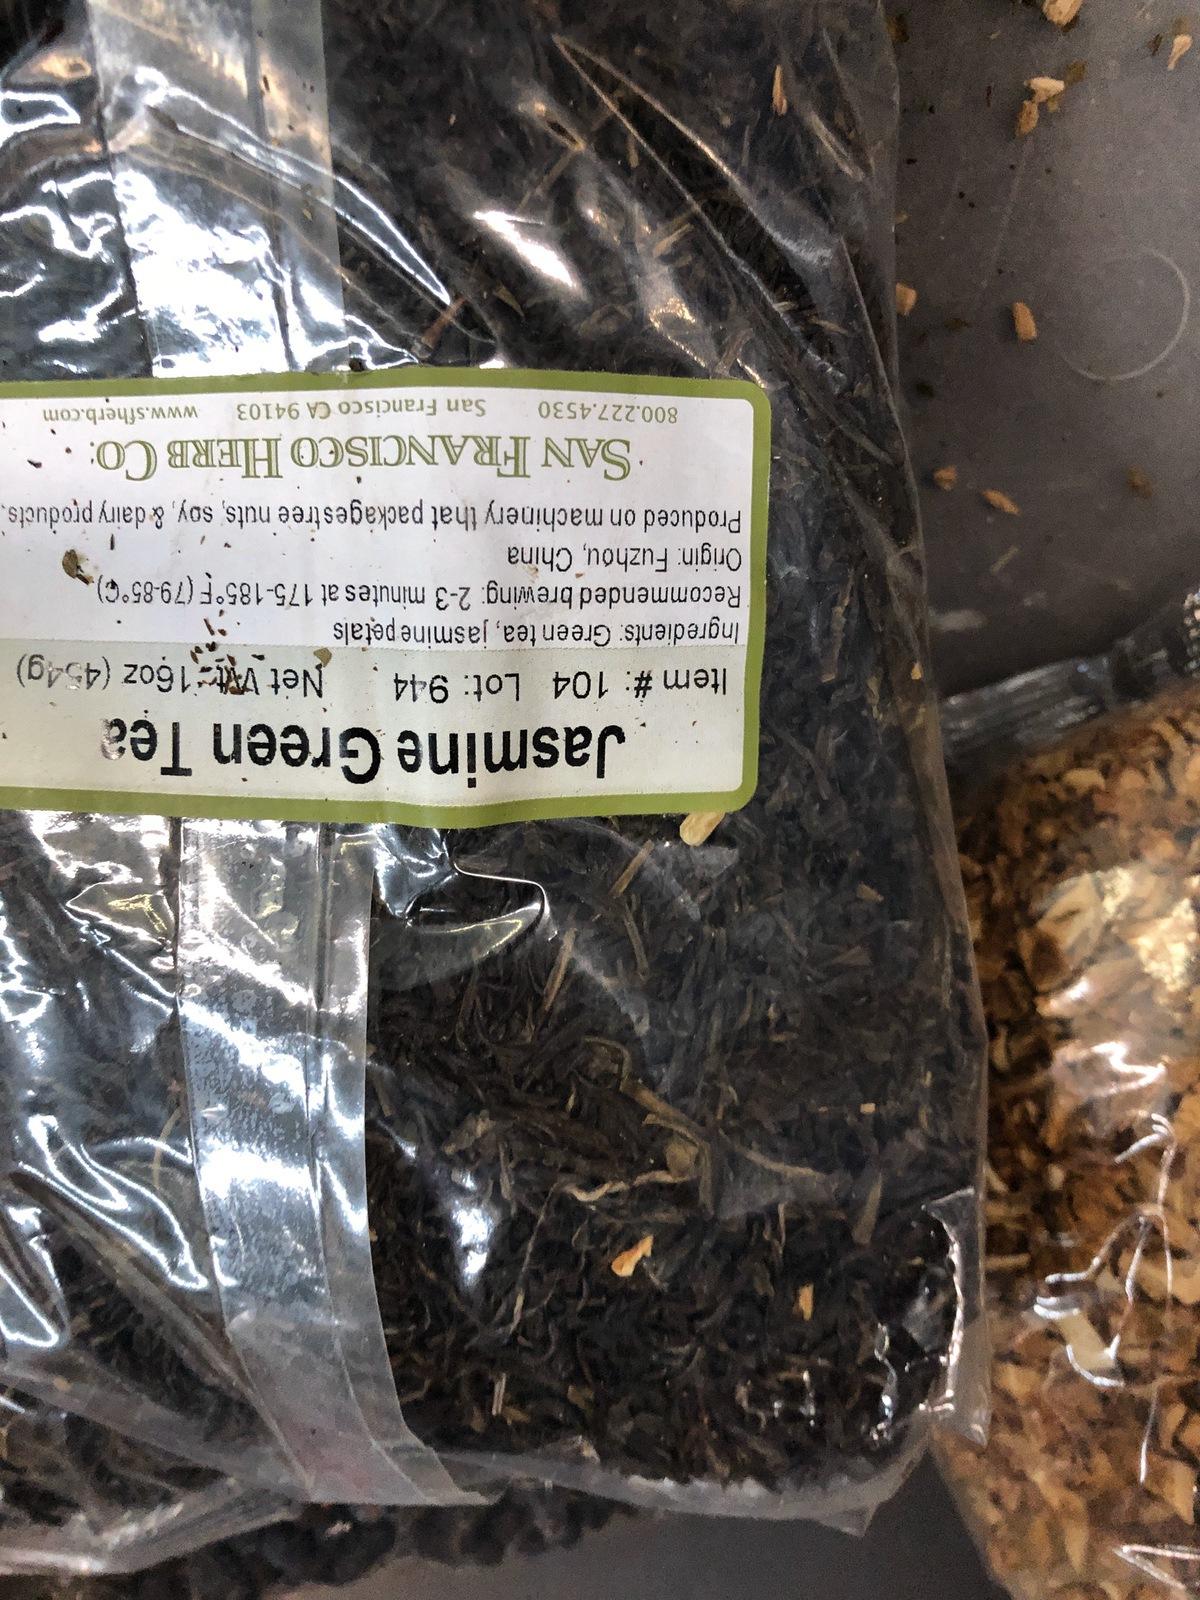 Lot of Herbs and Botanicals: Lemon Peel, Juniper Berries, Orange Peel, Orris Ro   Rig Fee: $20 or HC - Image 10 of 14